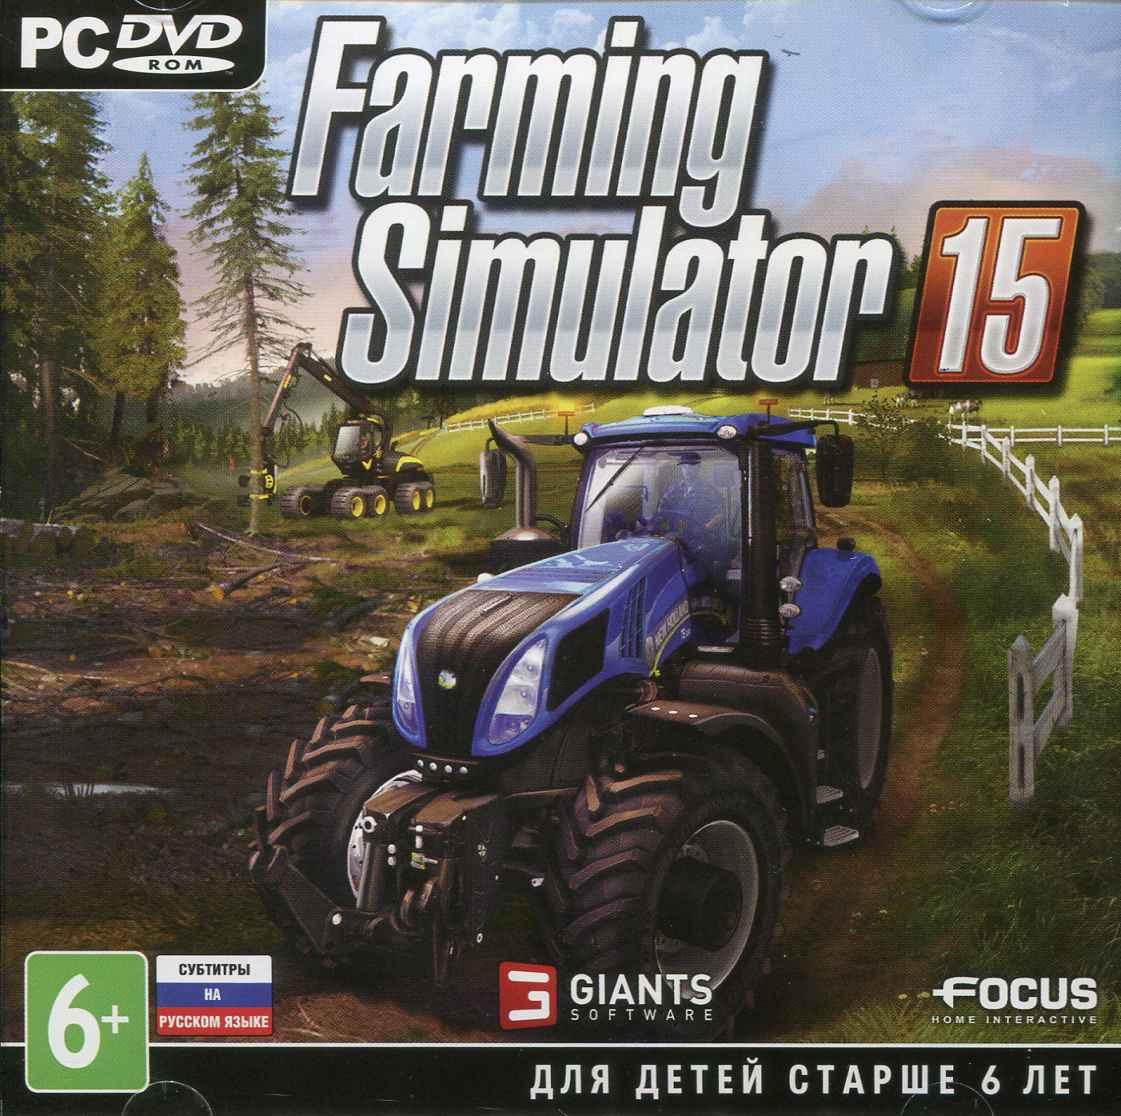 Скачать фермер симулятор 2018 код активации